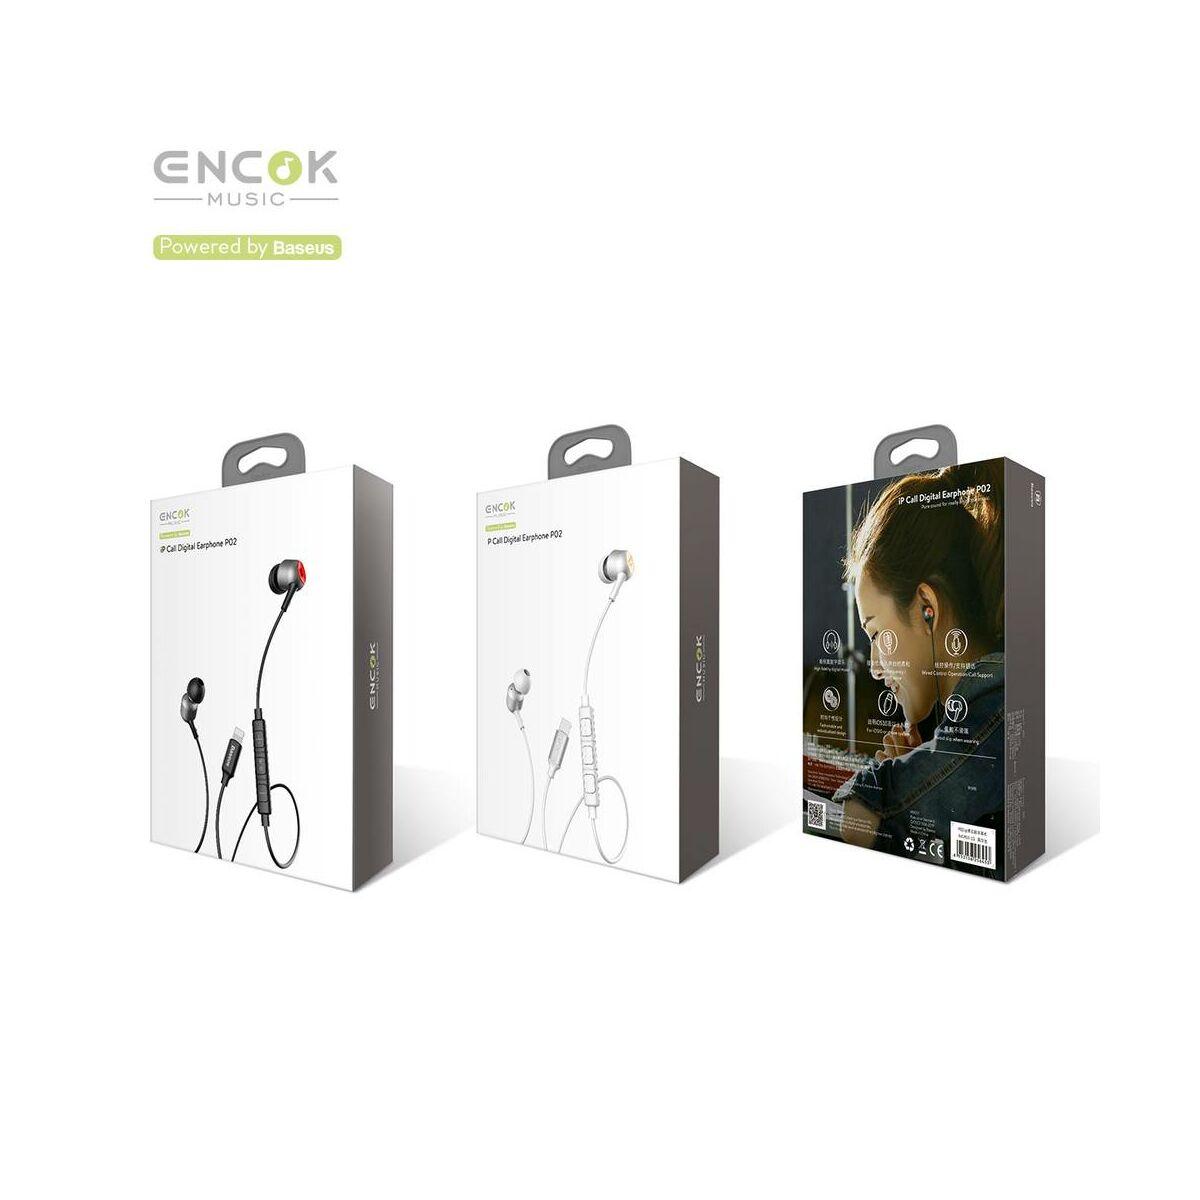 Baseus fülhallgató, Encok P02, Lightning Call Digital, vezetékes, fekete/szürke (NGP02-1G)